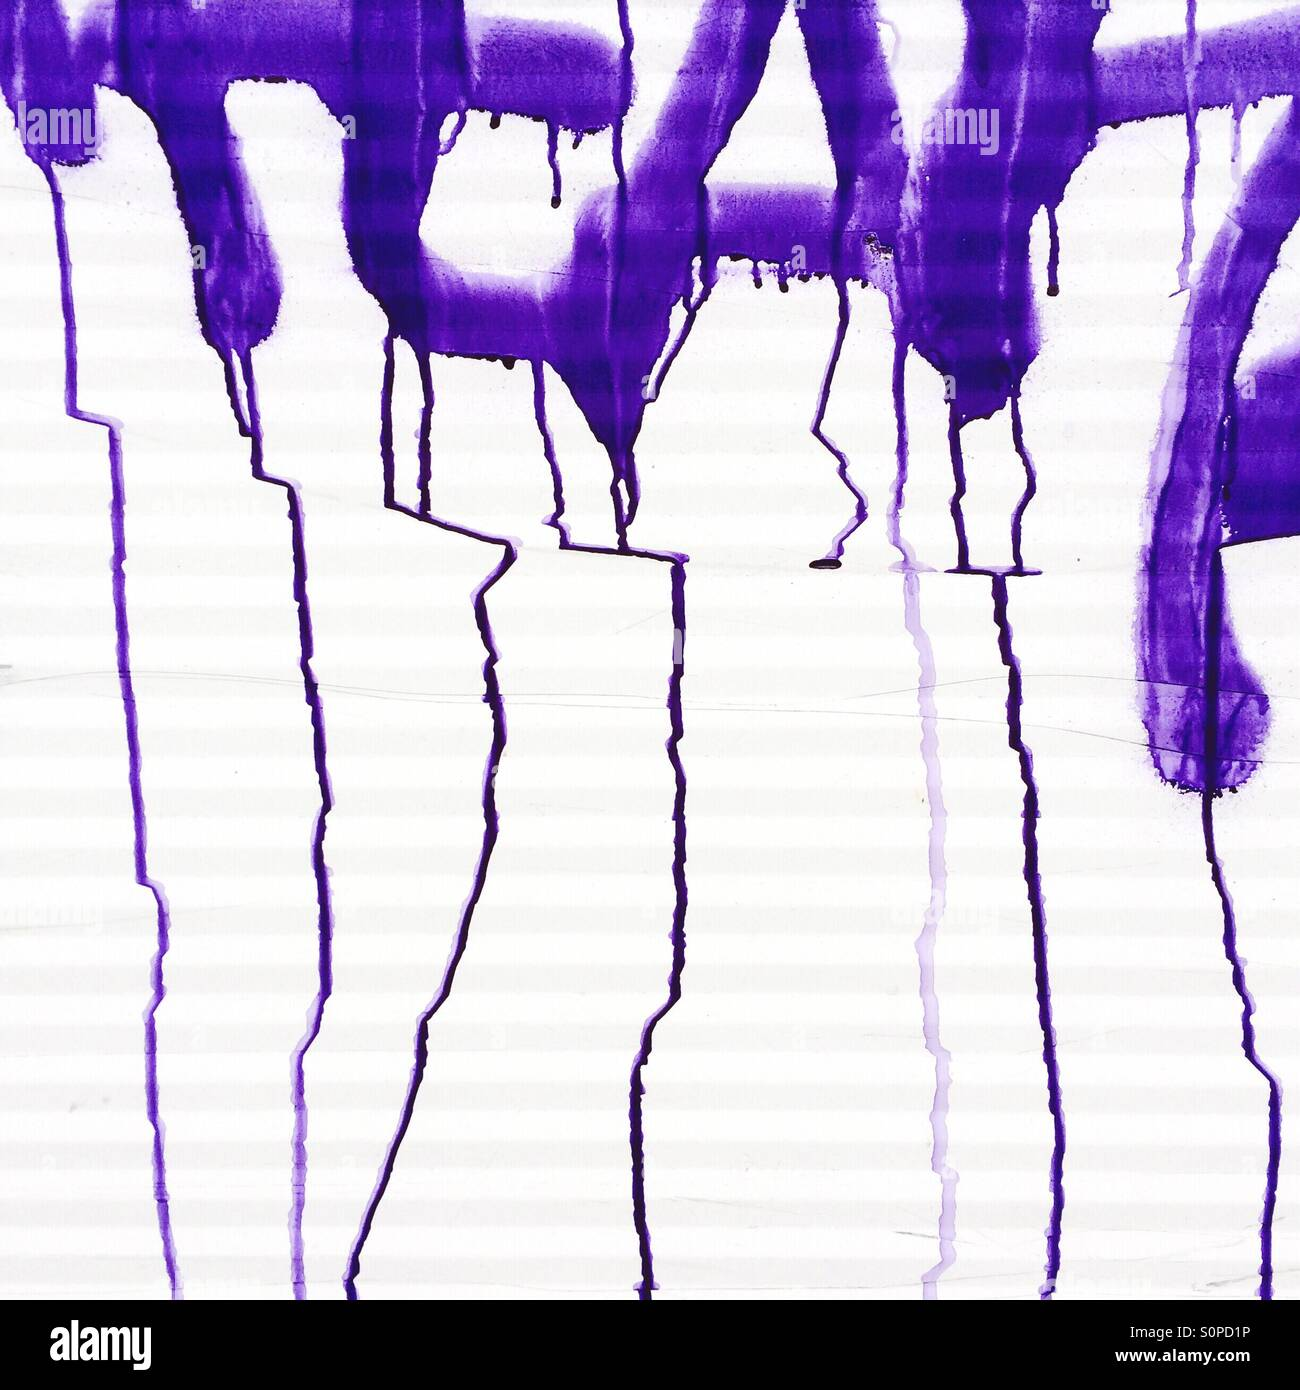 Tinta de graffiti que se ejecuta a través de superficie corrugada blanca Foto de stock